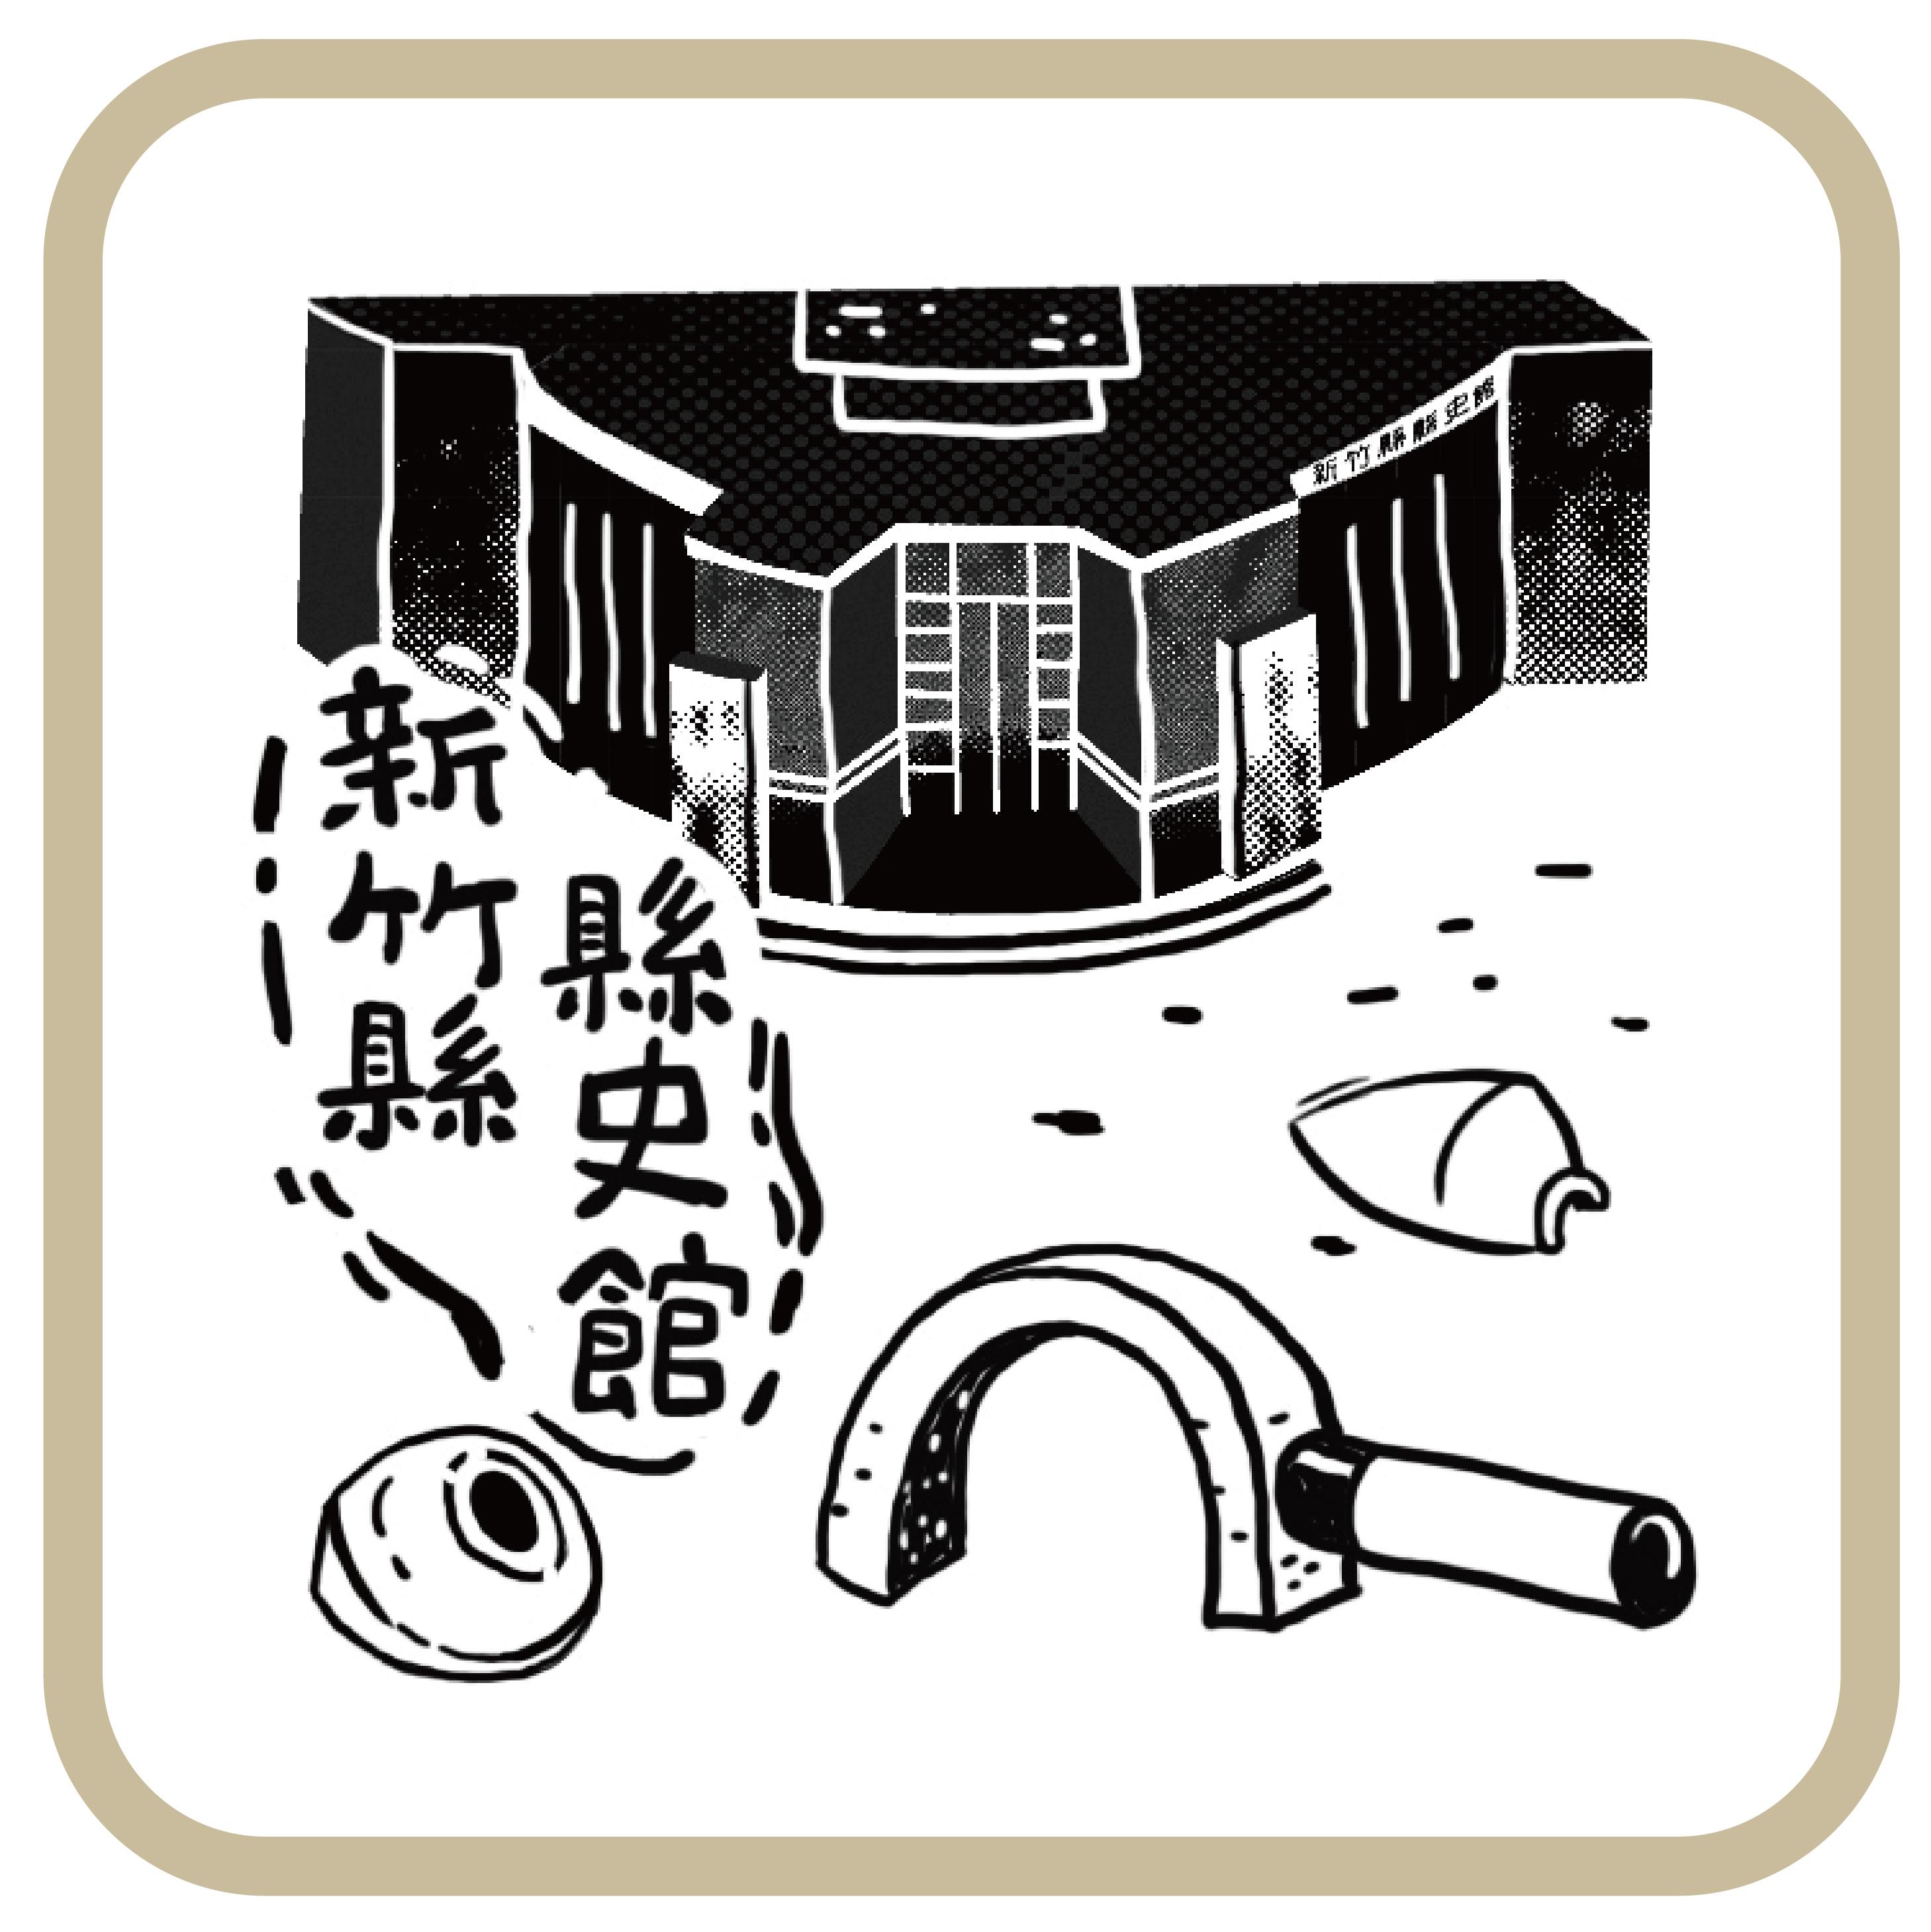 【EP05】 歡迎光臨新竹縣!一次搞懂竹縣的過去和現在!